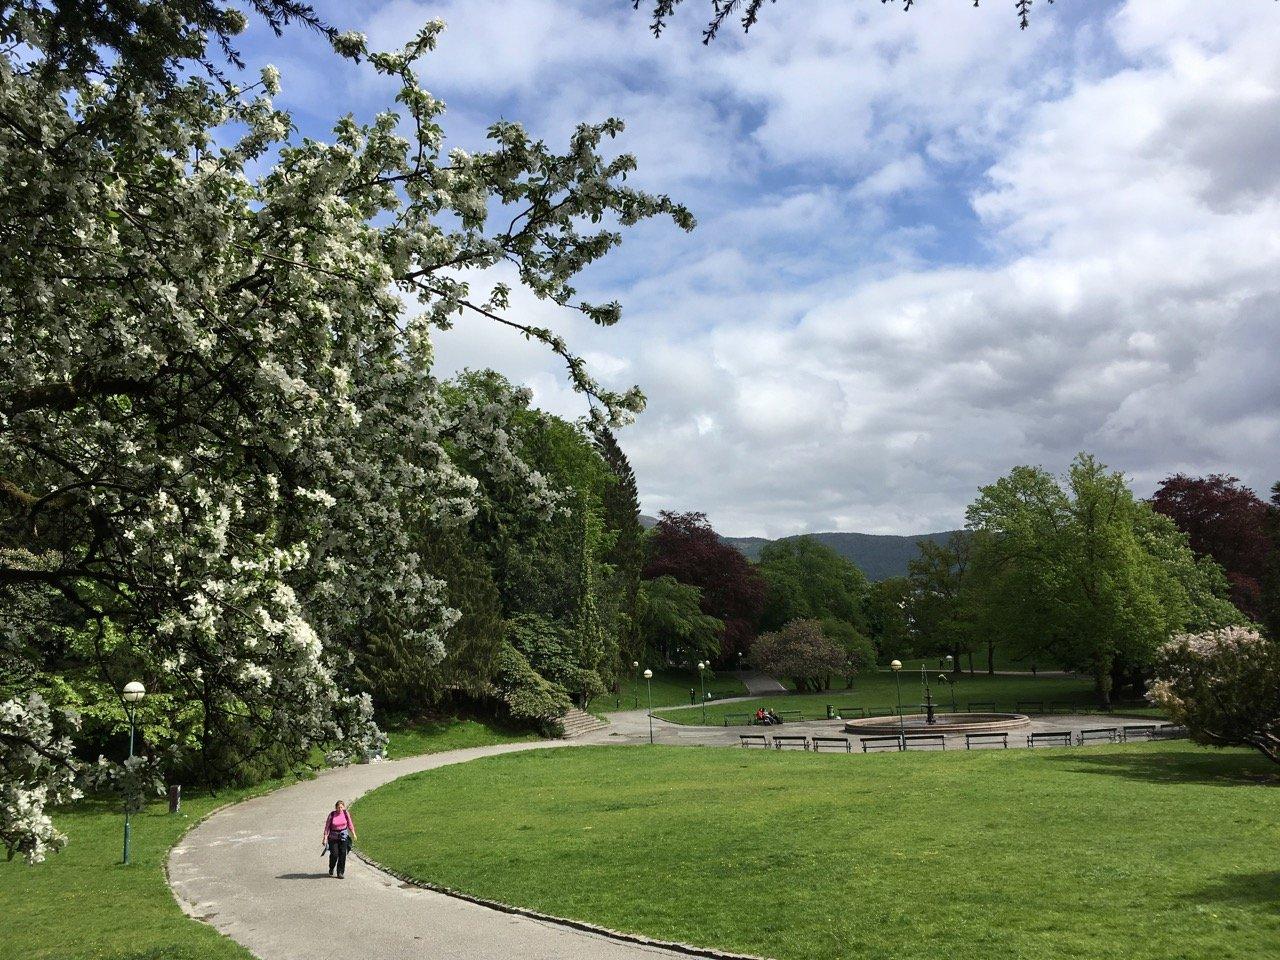 Nygårdsparken park, Møhlenpris